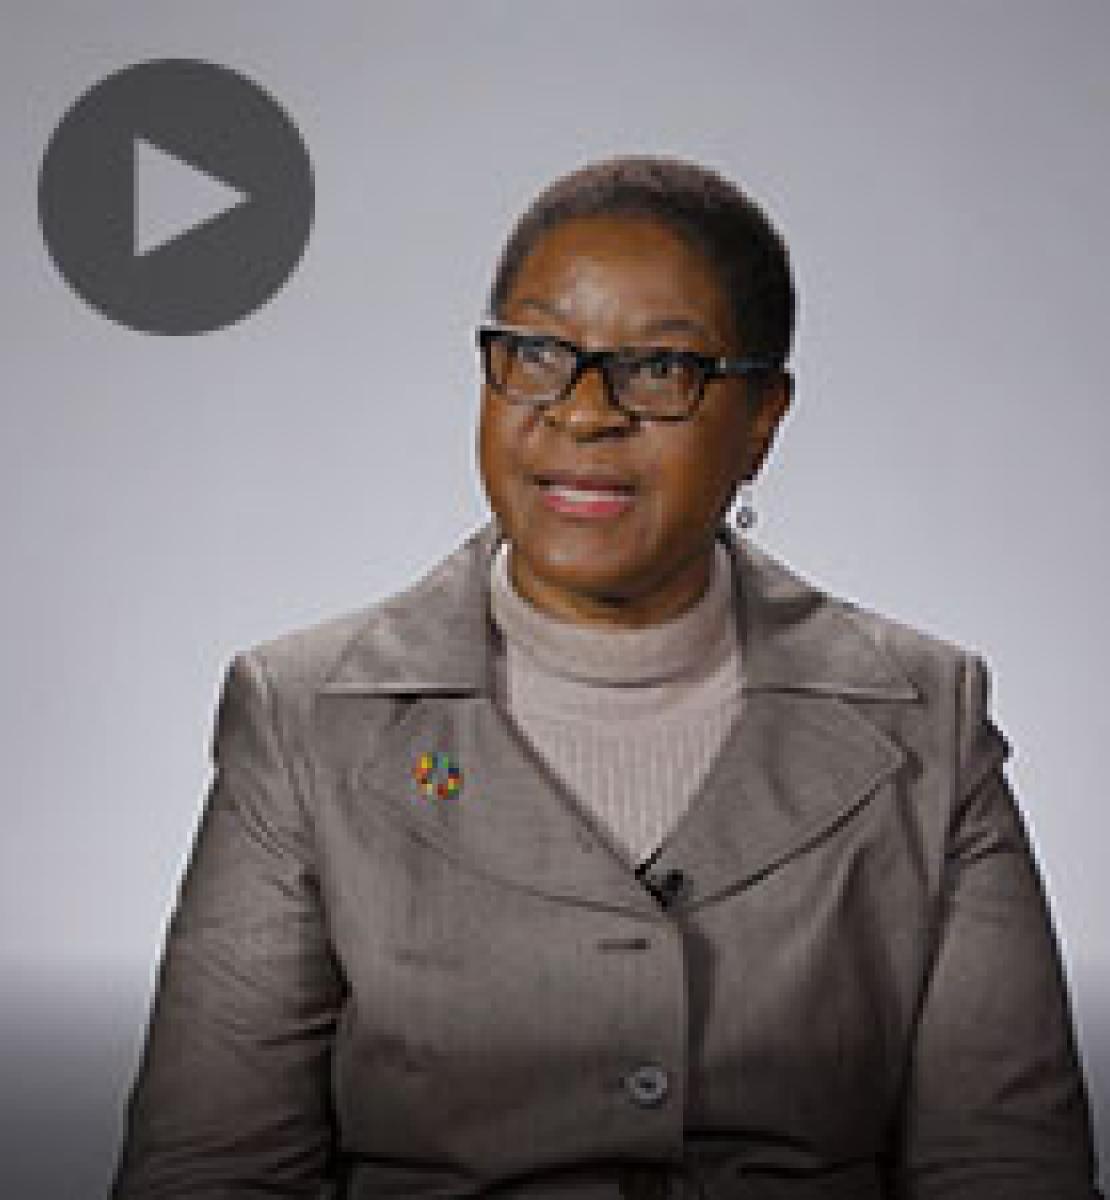 Screenshot from video message shows Resident Coordinator, Rachel Odede